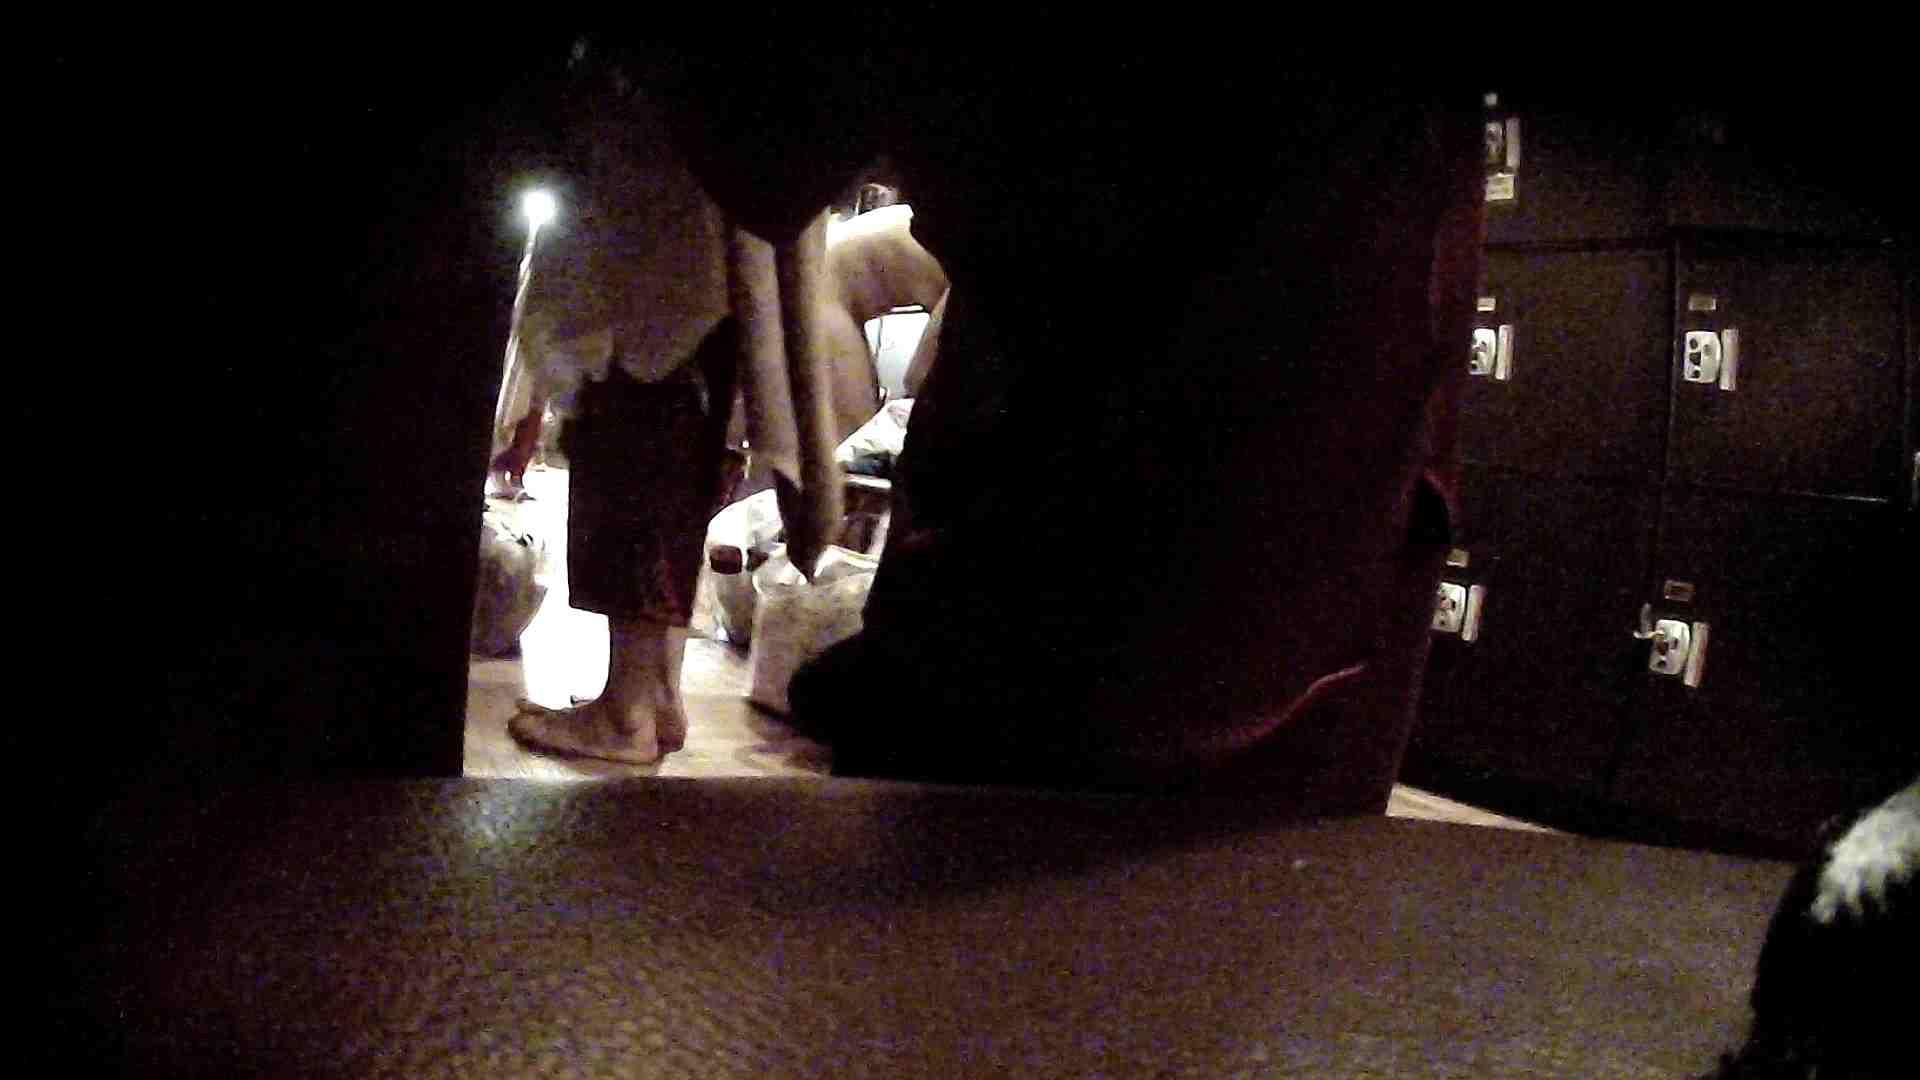 オムニバスVol.5 脱衣所のイケイケギャルがお勧め 銭湯 ワレメ動画紹介 97PIX 8